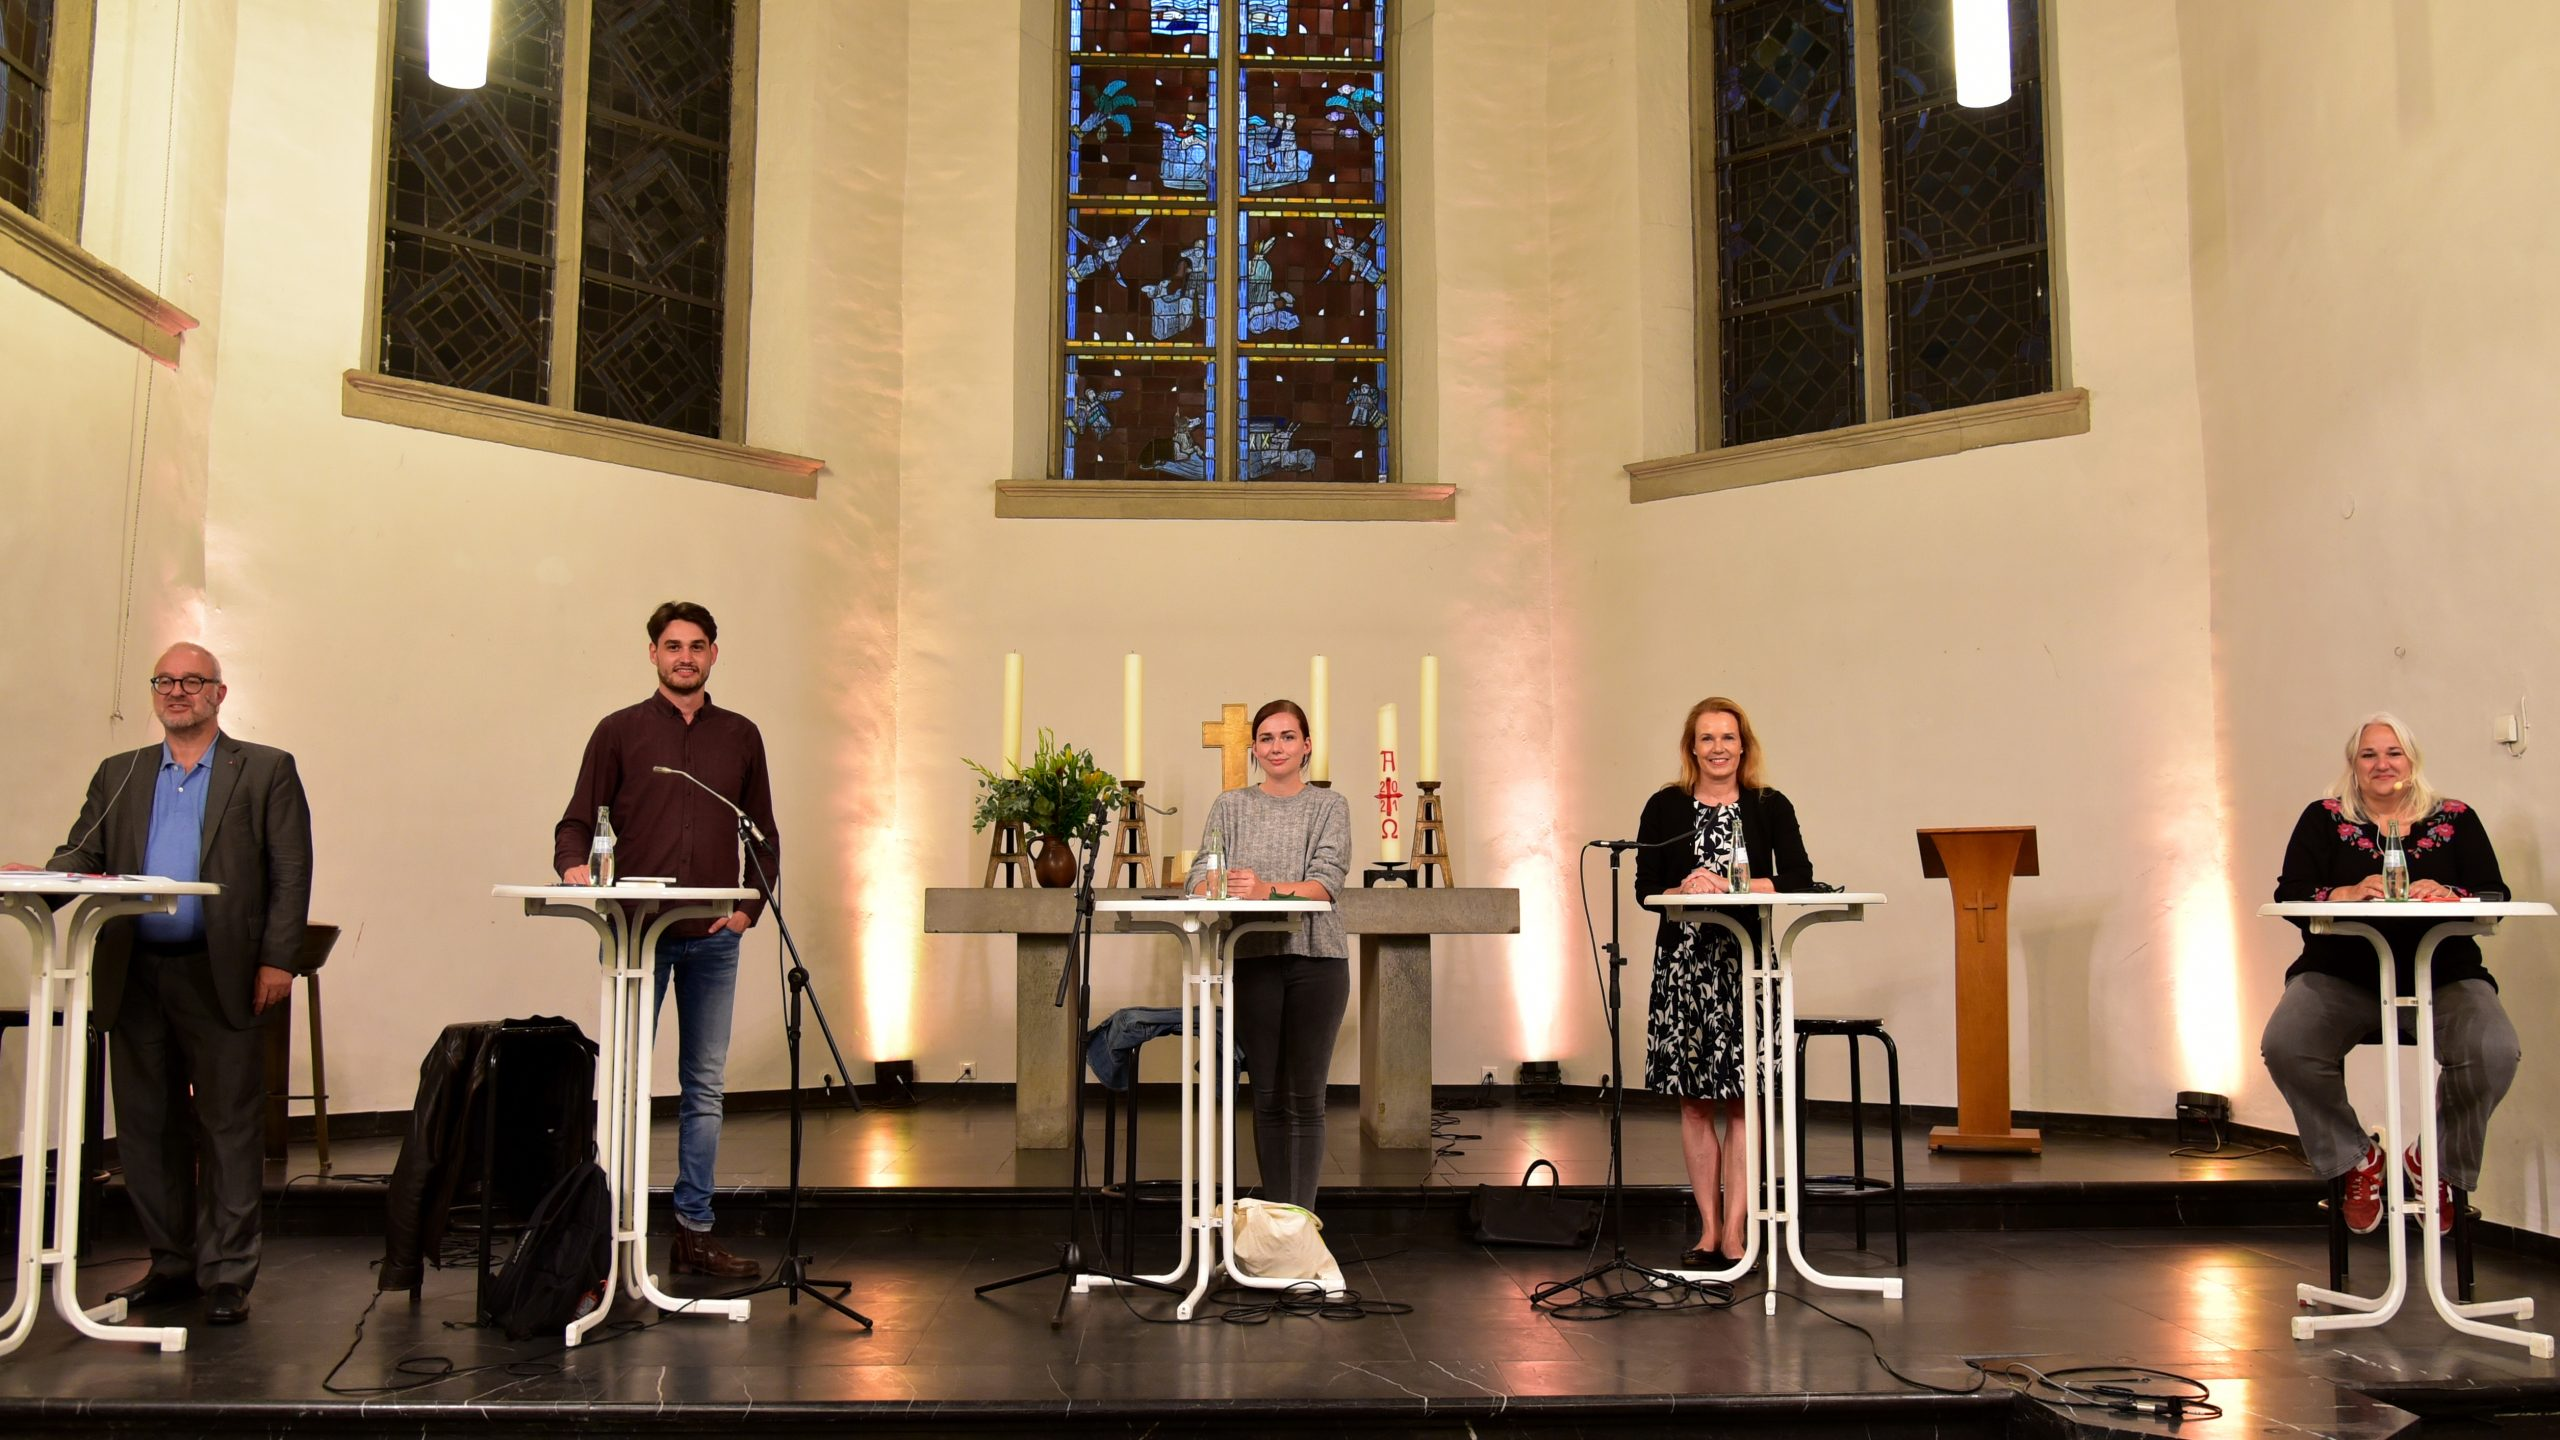 """Wahlkreisgespräch zum Thema """"Klima – Wie geht es nach der Bundestagswahl weiter?"""" in der Kartäuserkirche"""